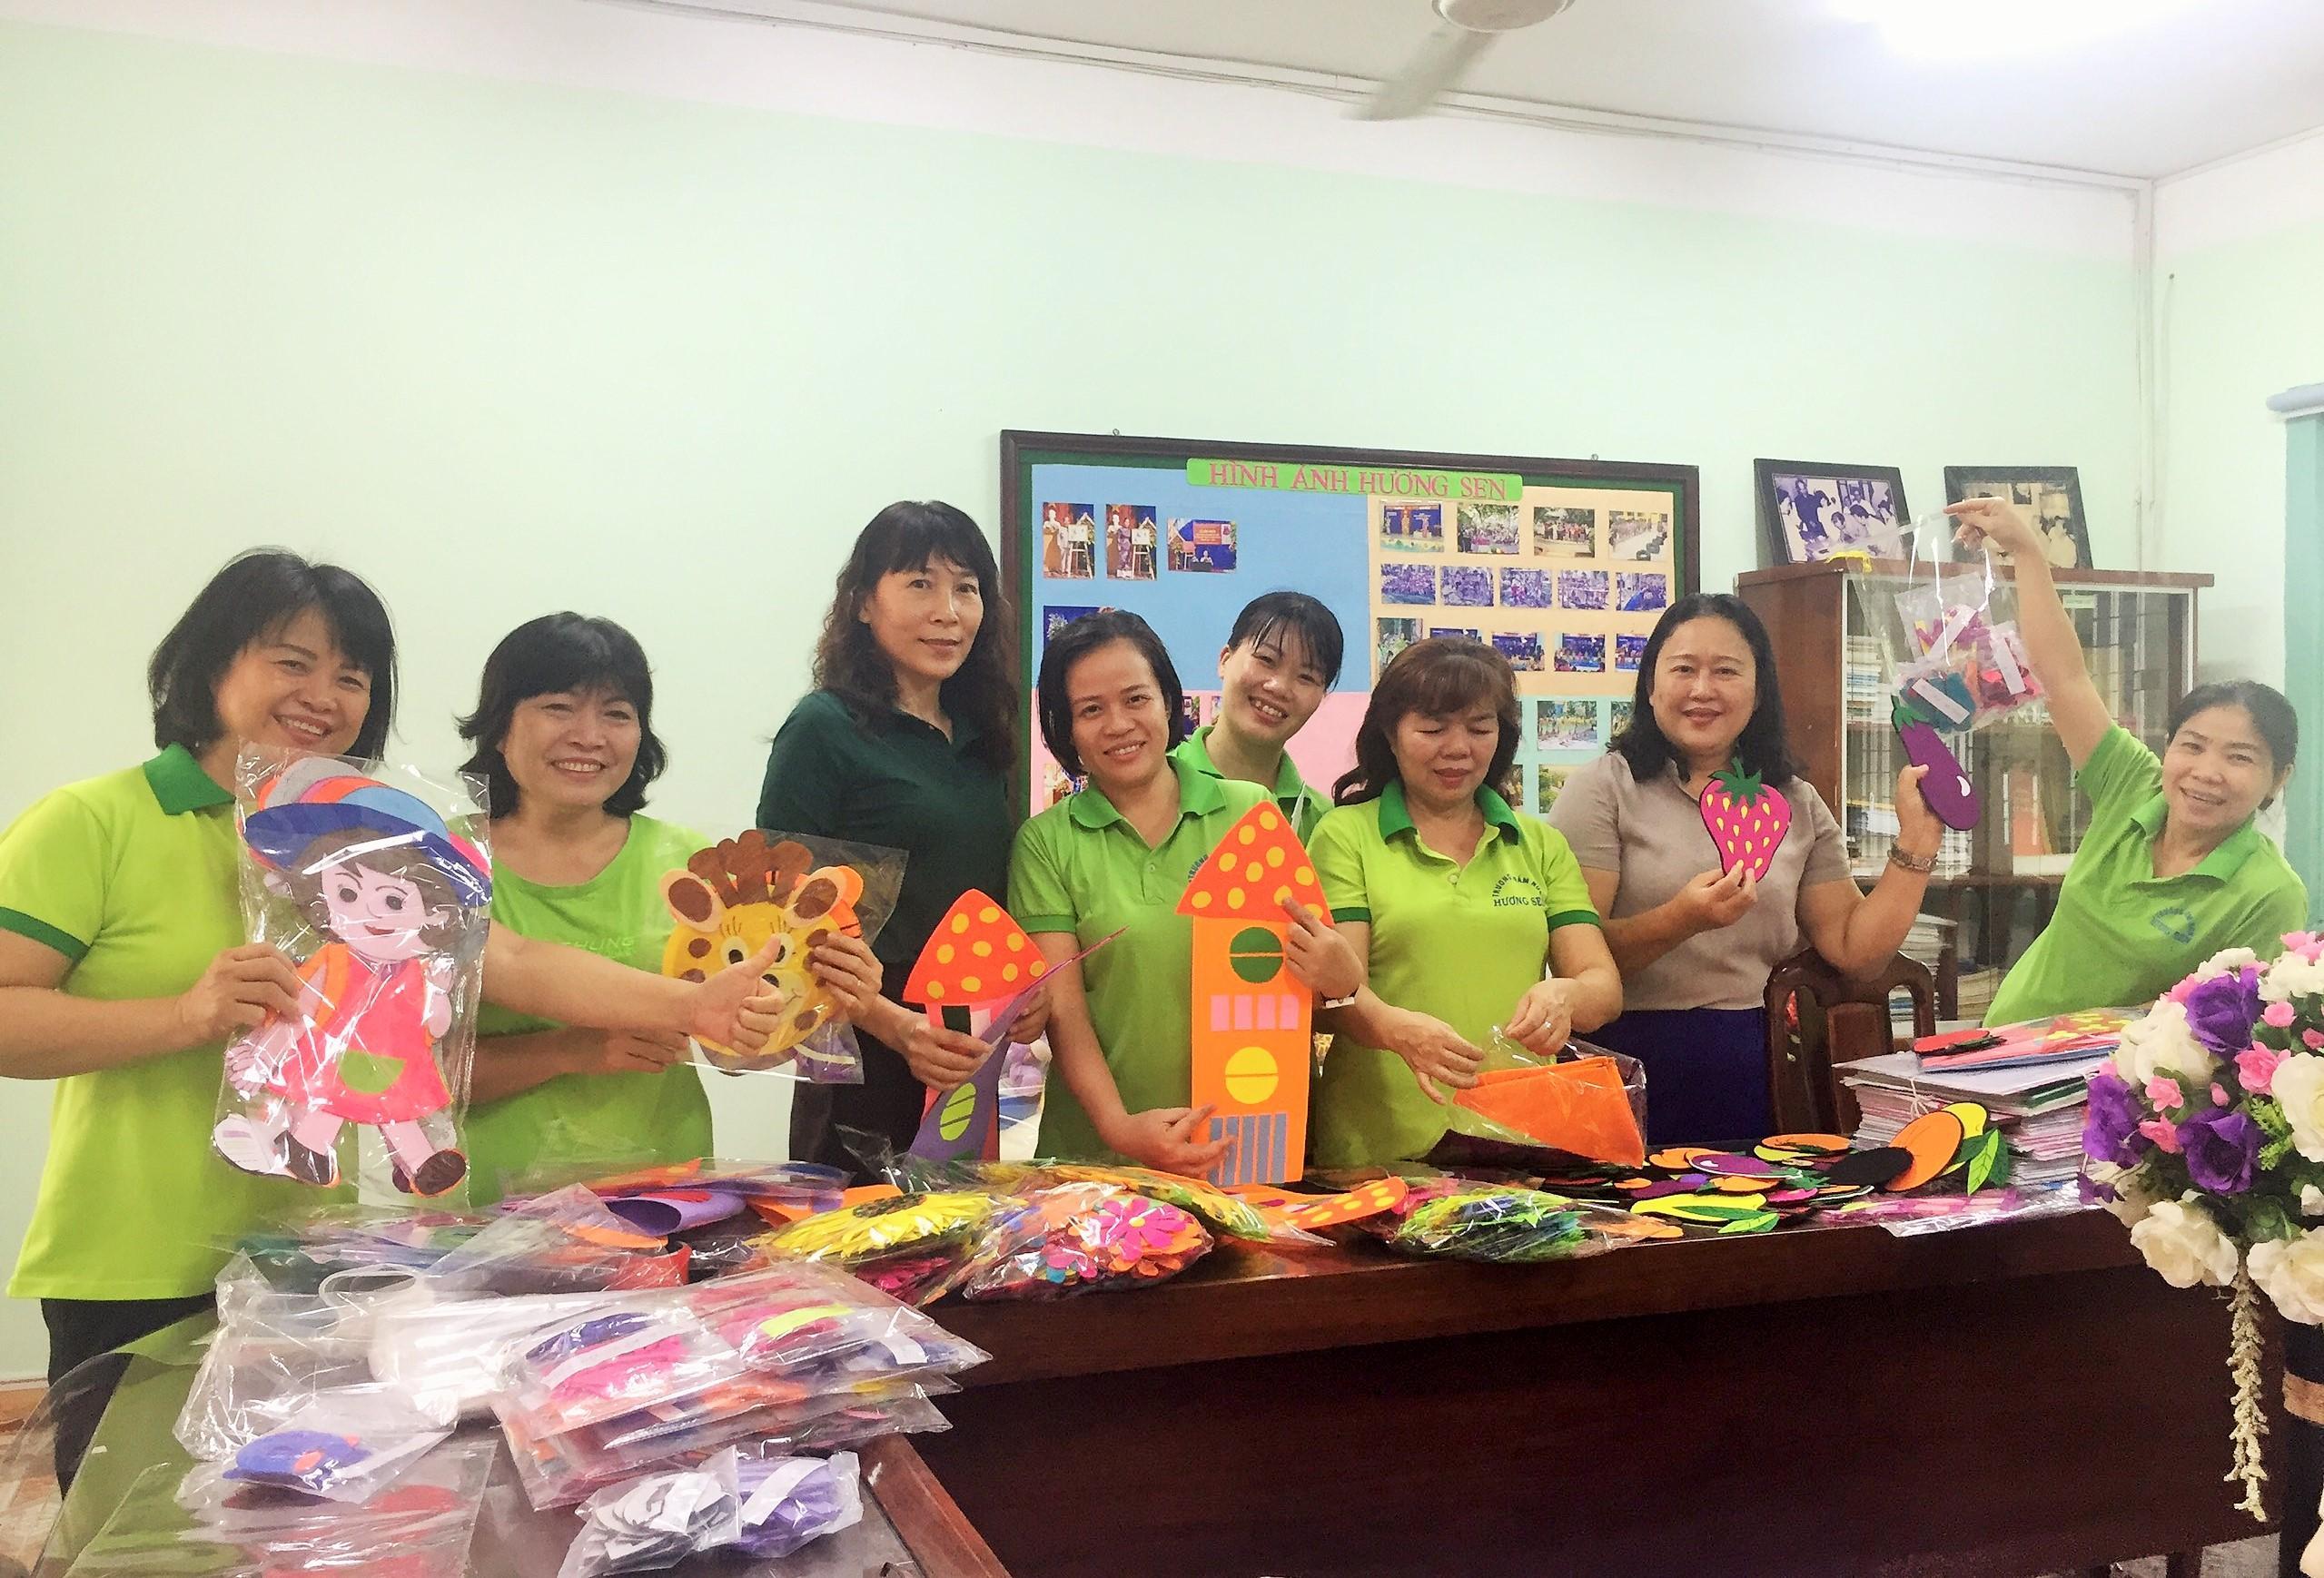 Ngành học mầm non tỉnh Khánh Hòa hỗ trợ các cơ sở giáo dục mầm non miền Trung bị bão lụt Ảnh 2